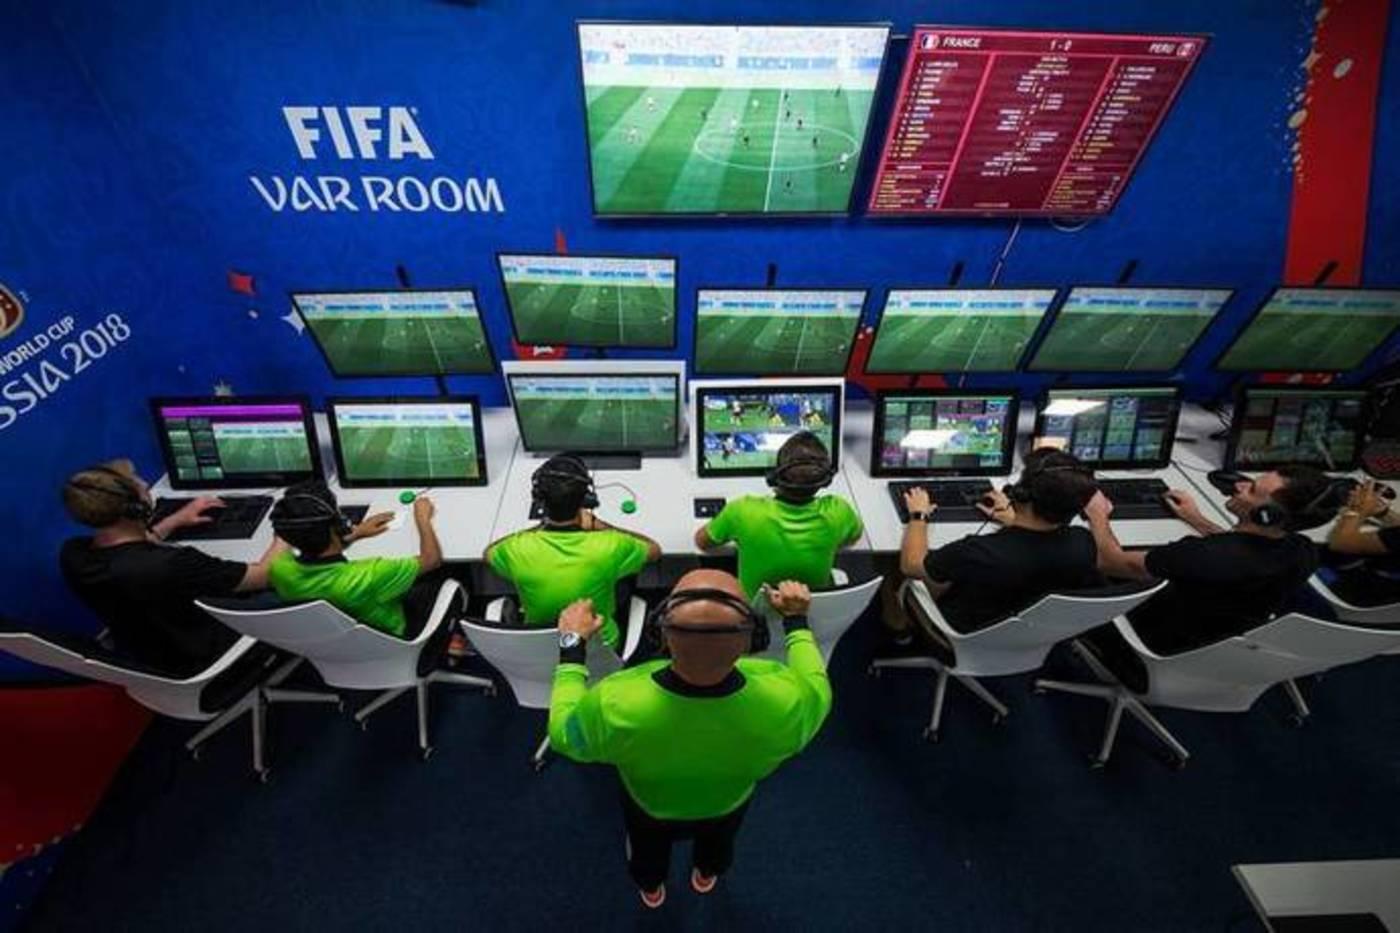 视频助理裁判(VAR)及其3名助理(编号分别是AVAR1、AVAR2和AVAR3)